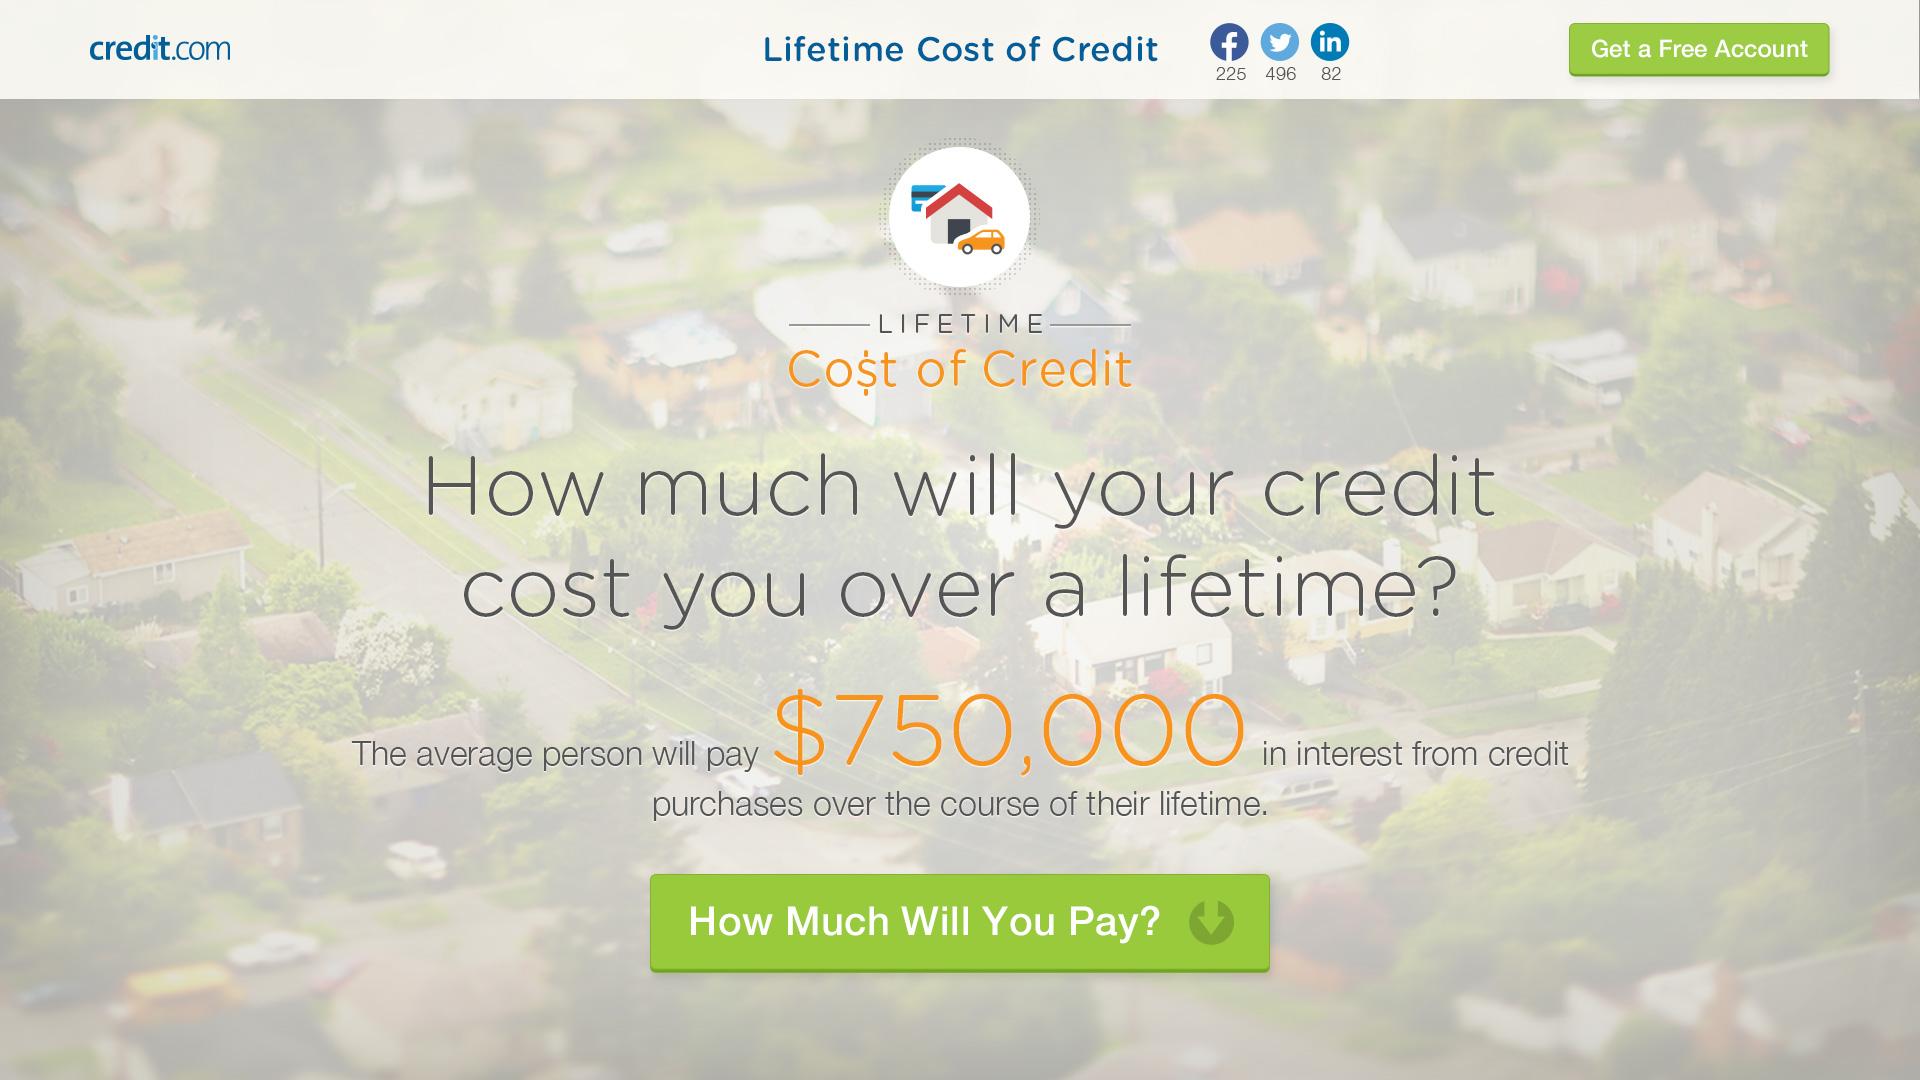 CREDIT.COM Interactive Calculator